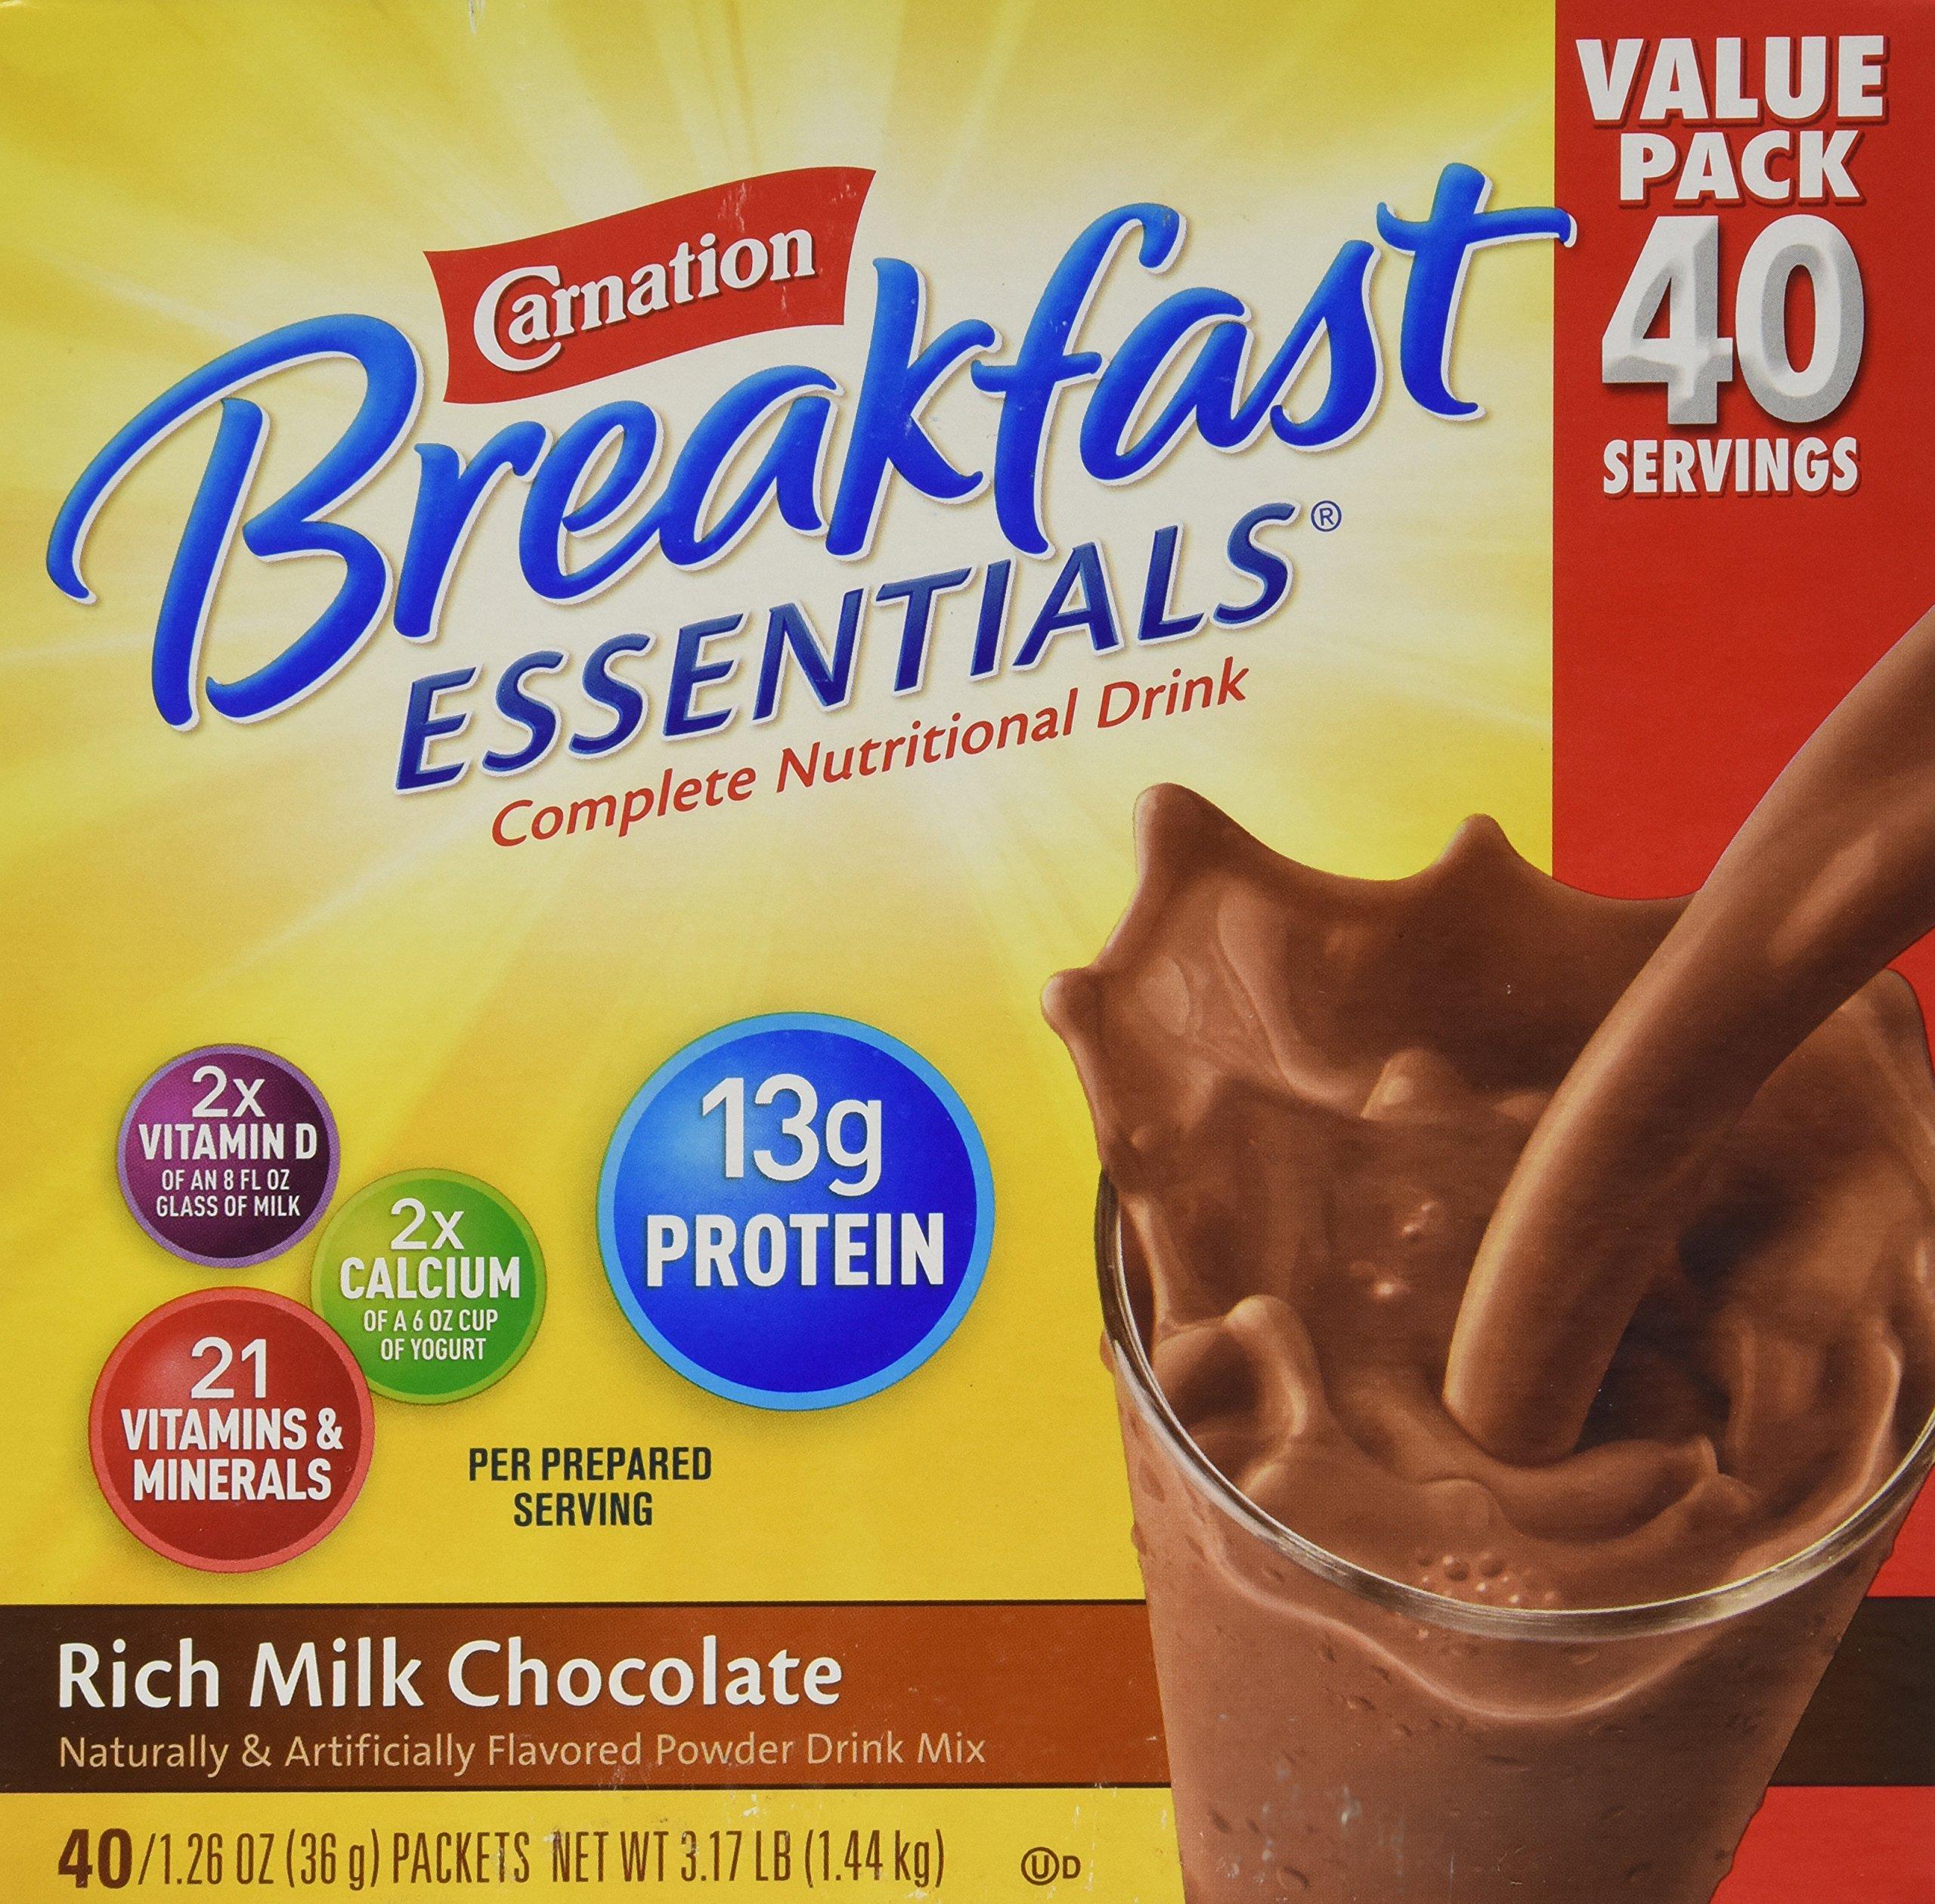 Carnation Breakfast Essentials 40-1.26oz Packets - Rich Milk Chocolate by Carnation